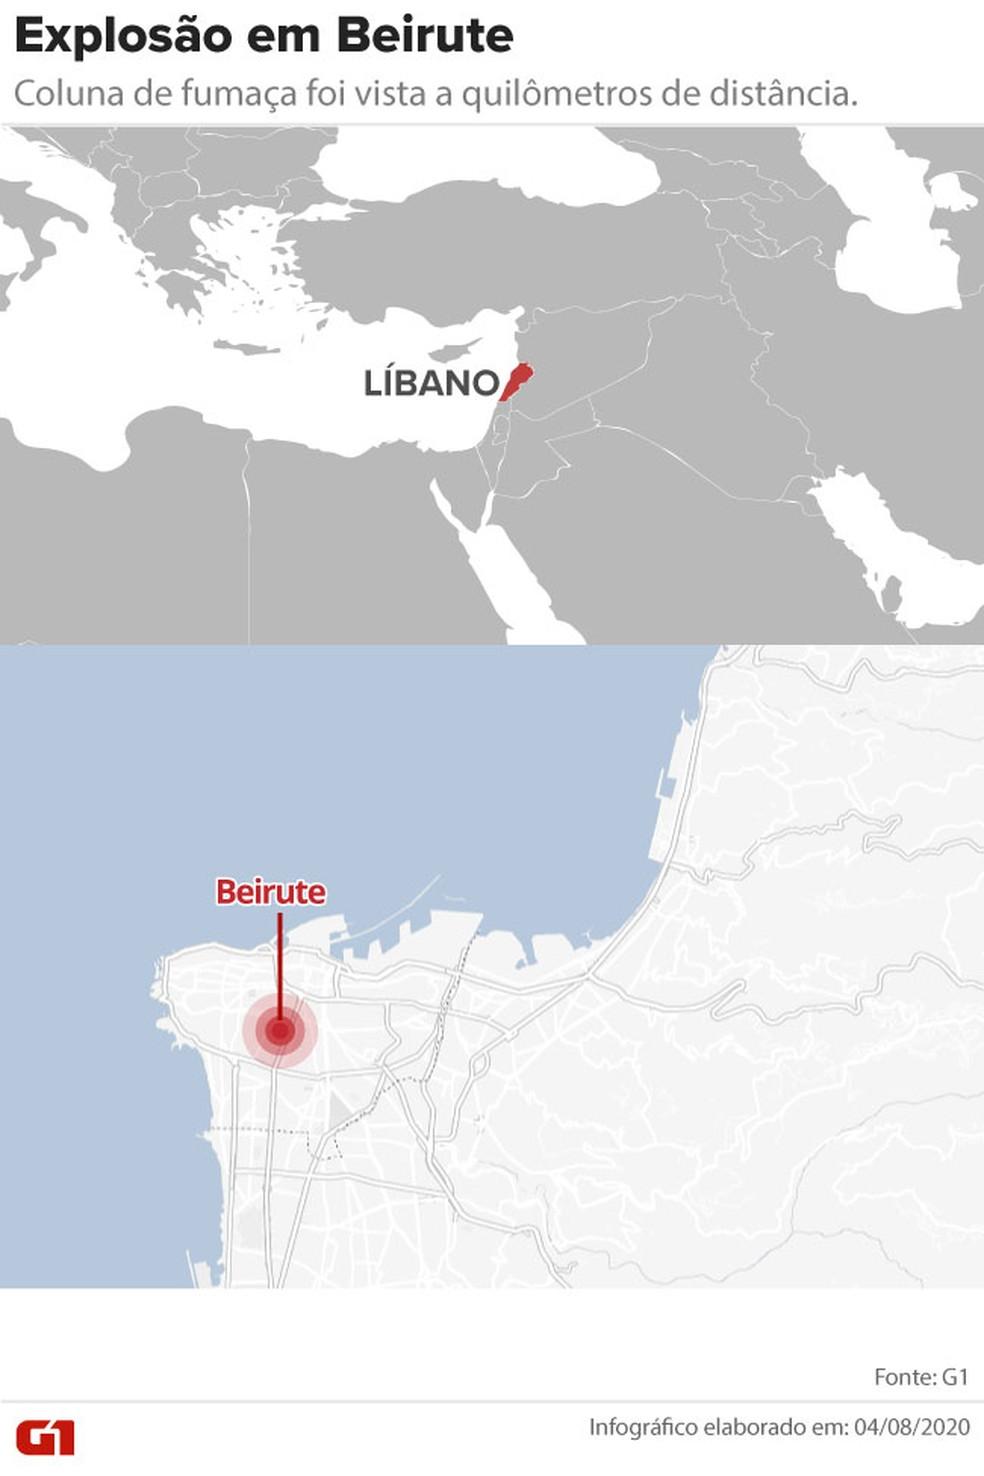 Mapa mostra a localização de Beirute, no Líbano — Foto:  G1